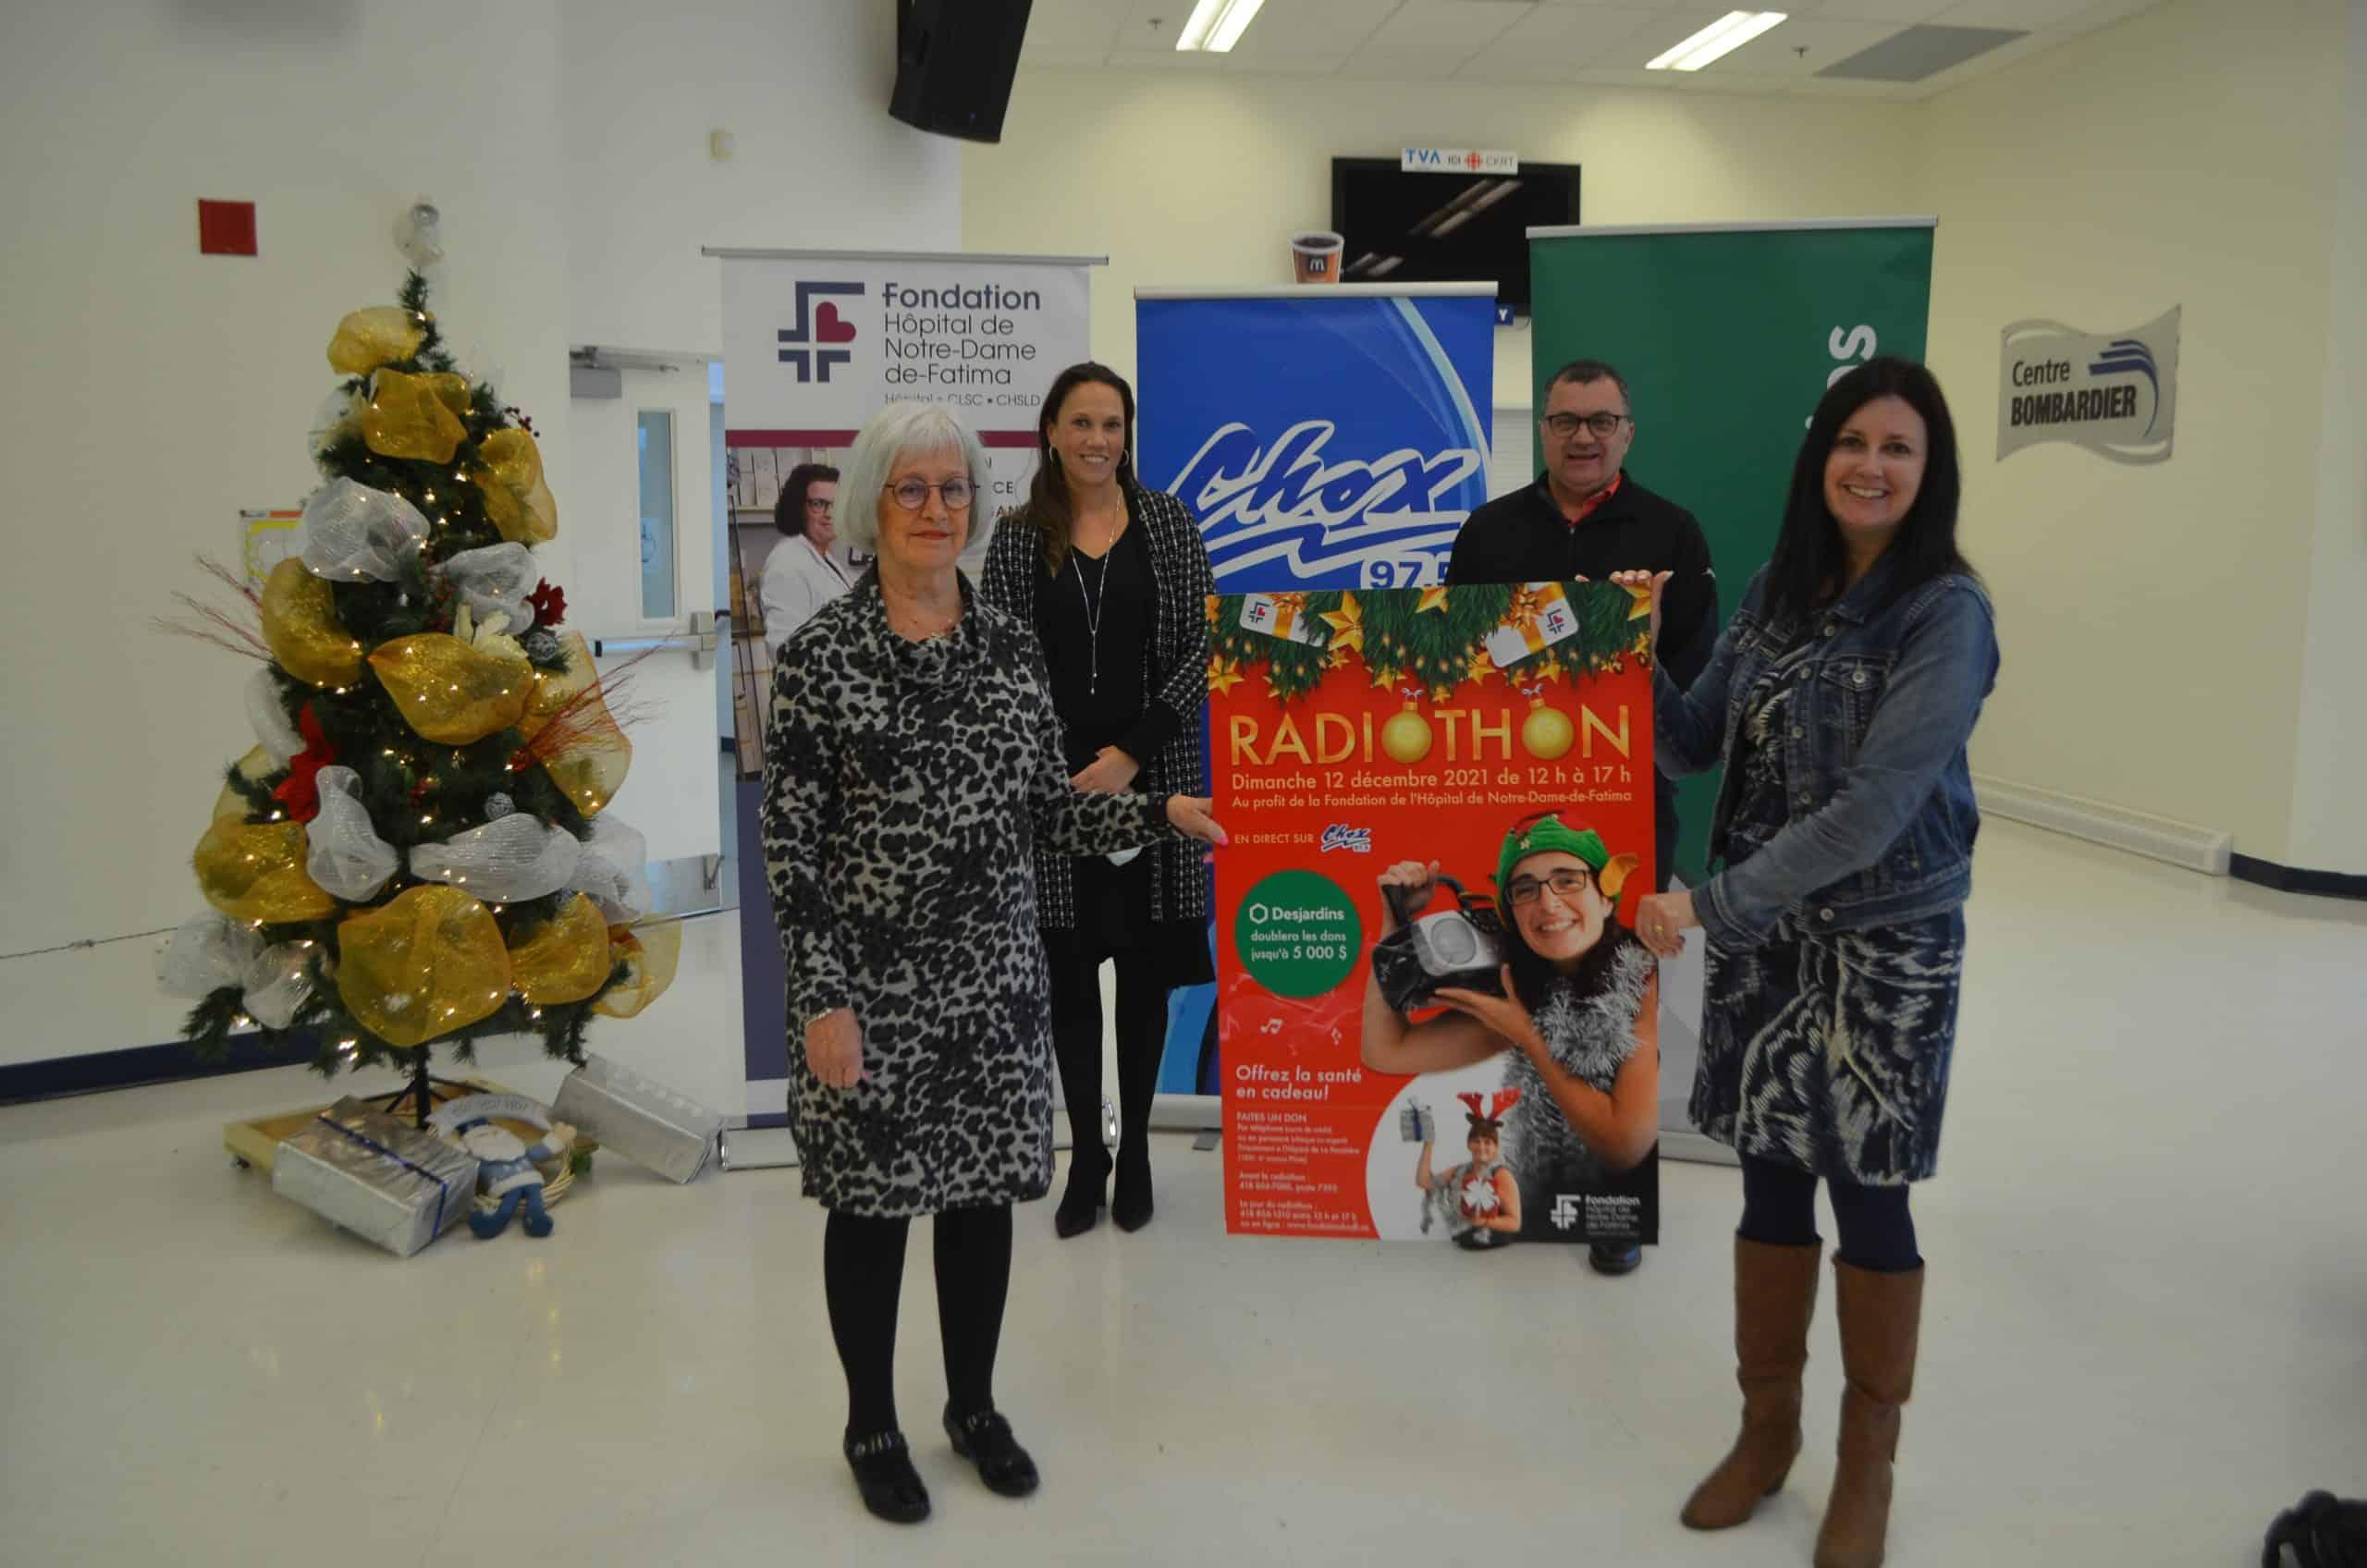 Un radiothon de Noël pour la Fondation de l'Hôpital